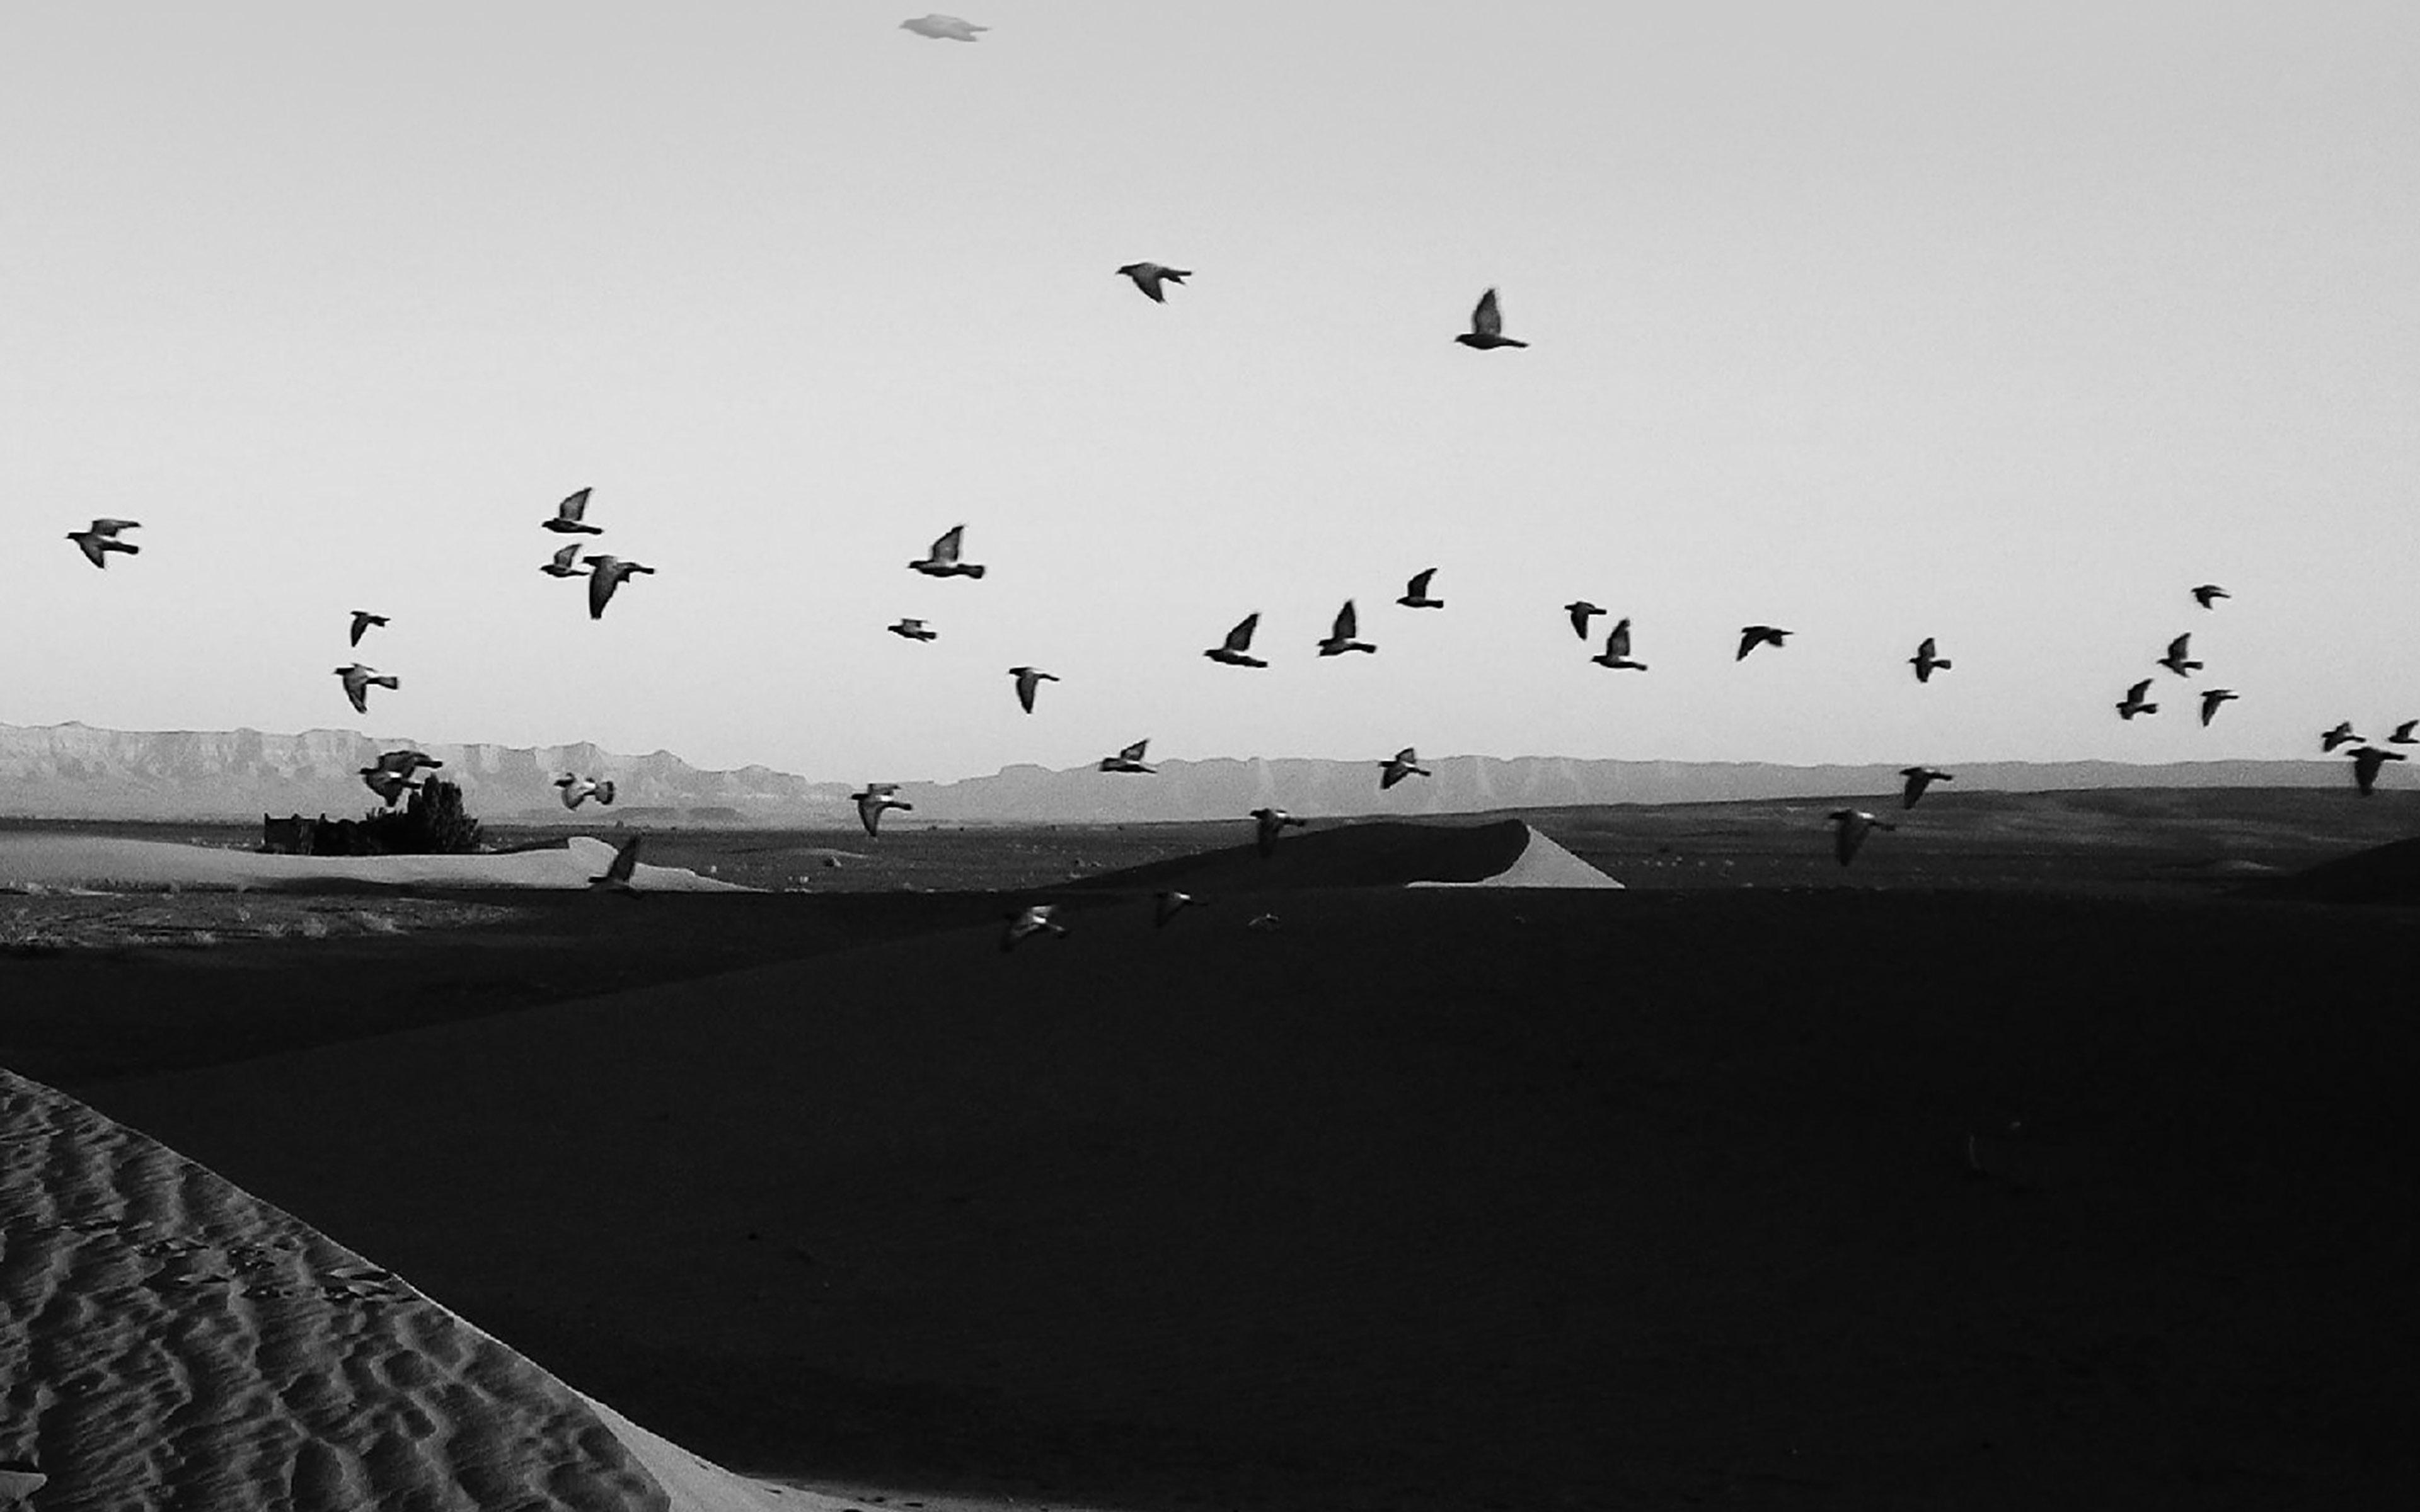 Mb31 Wallpaper Flights Of Birds Desert Papersco